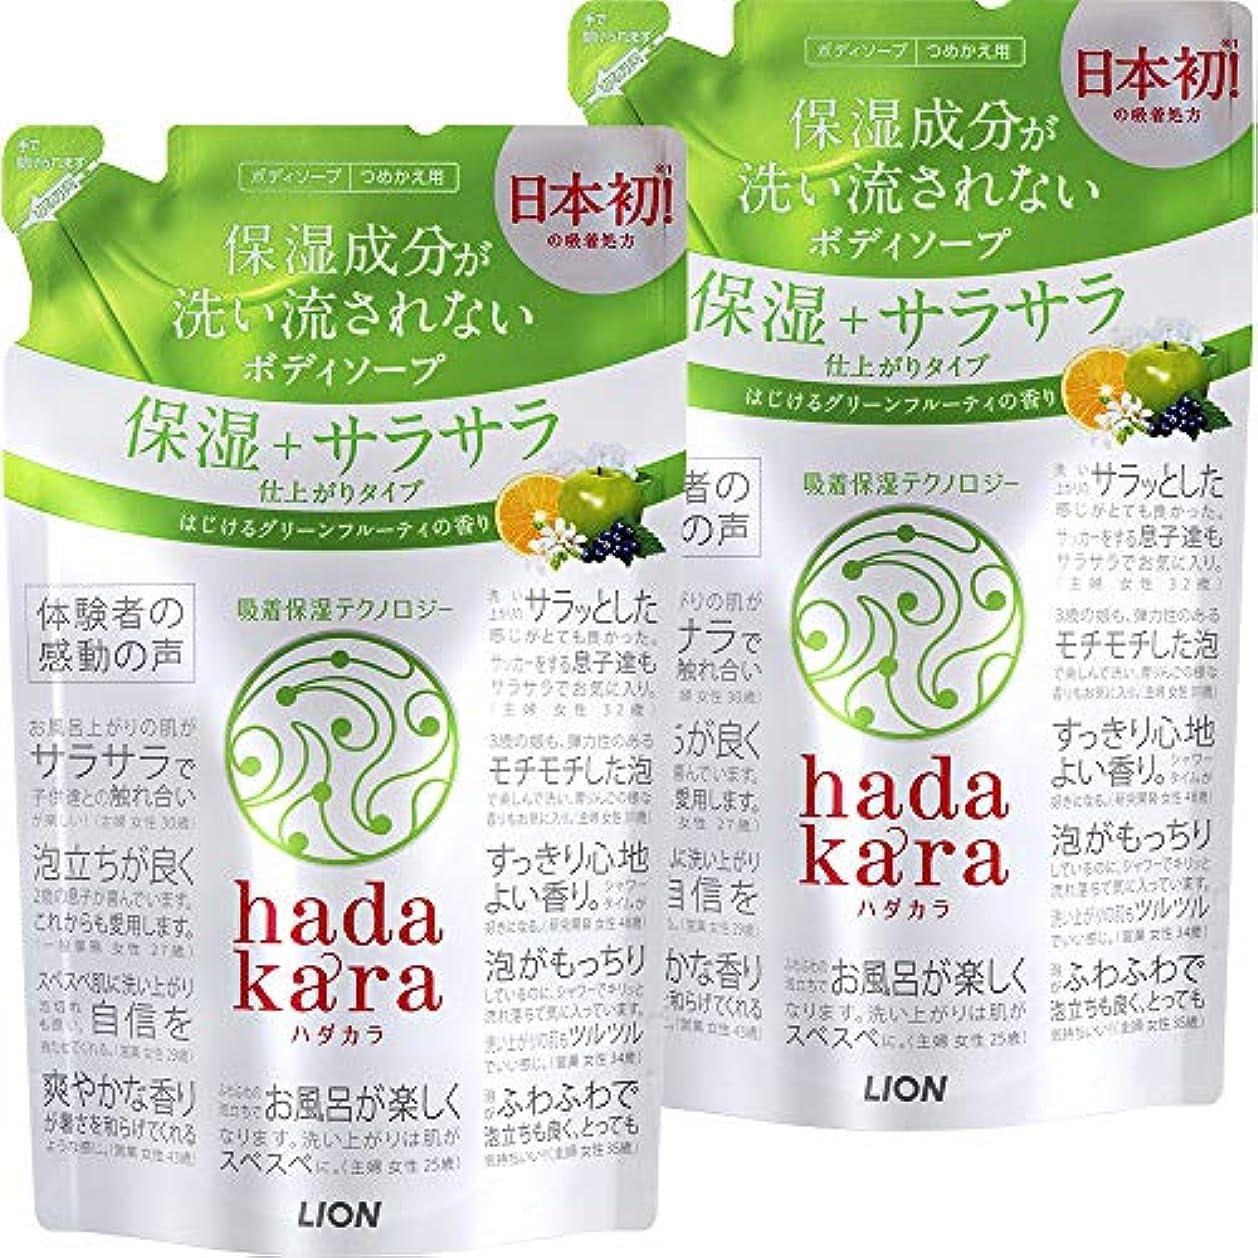 分布硬化する選択【まとめ買い】hadakara(ハダカラ) ボディソープ 保湿+サラサラ仕上がりタイプ グリーンフルーティの香り 詰め替え 340ml×2個パック